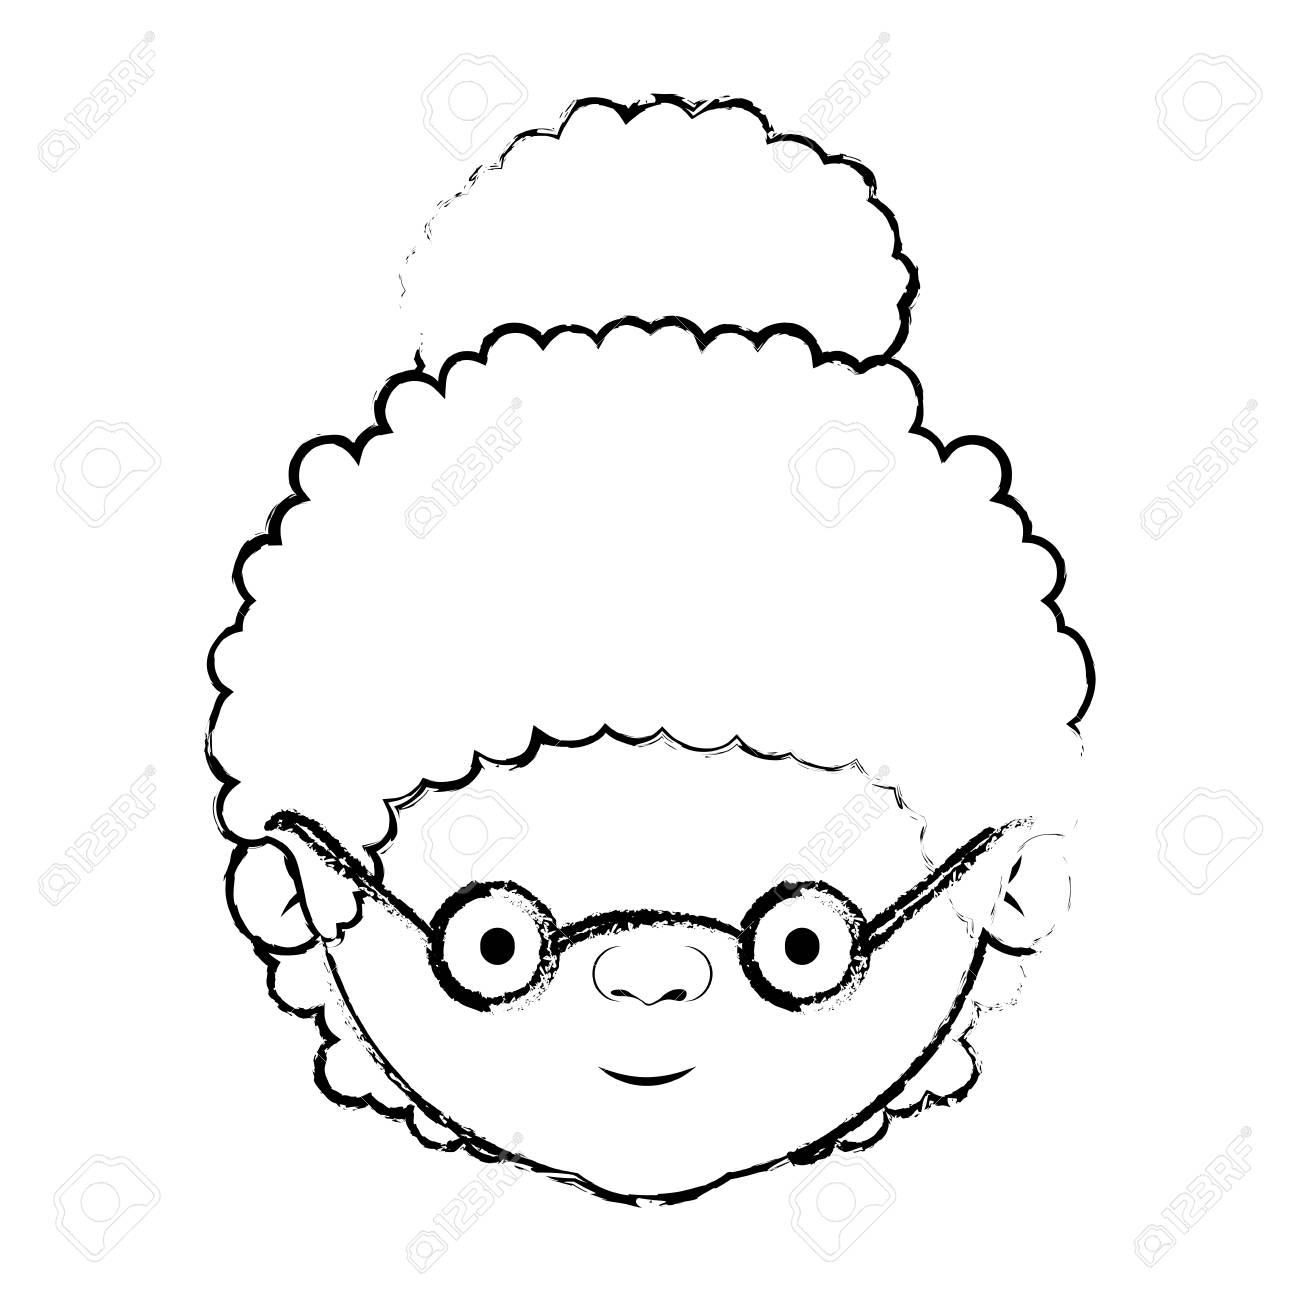 巻き毛のお団子髪とメガネ ベクトル イラスト顔祖母のぼやけたシルエット